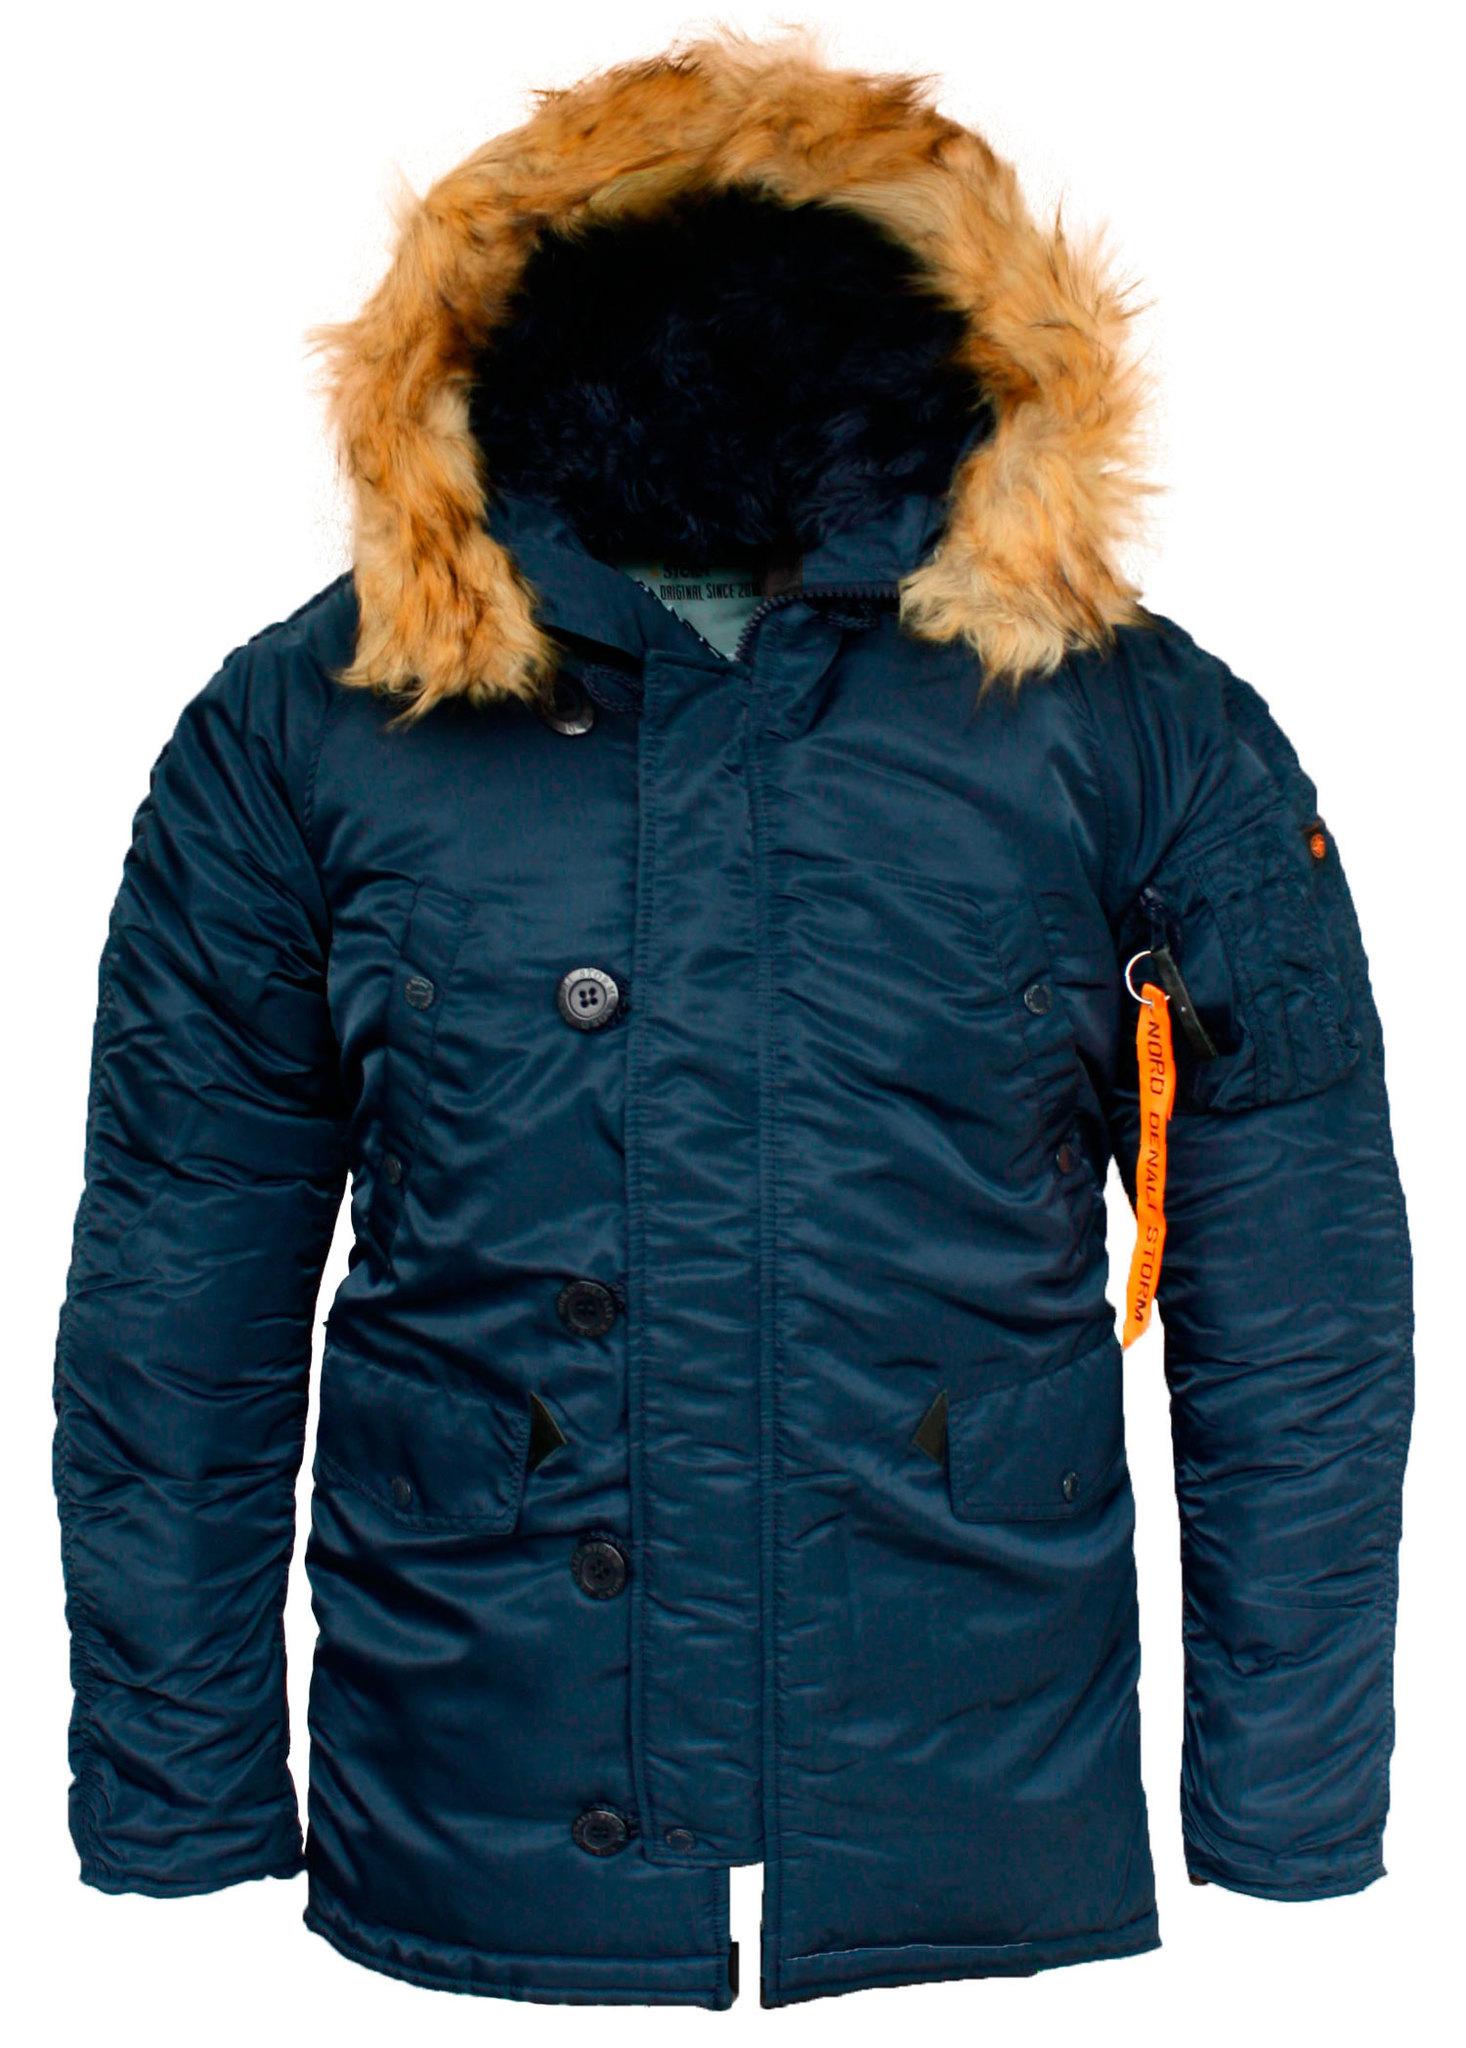 Куртка Аляска N-3B  Husky Denali (синяя - r.blue/r.blue)